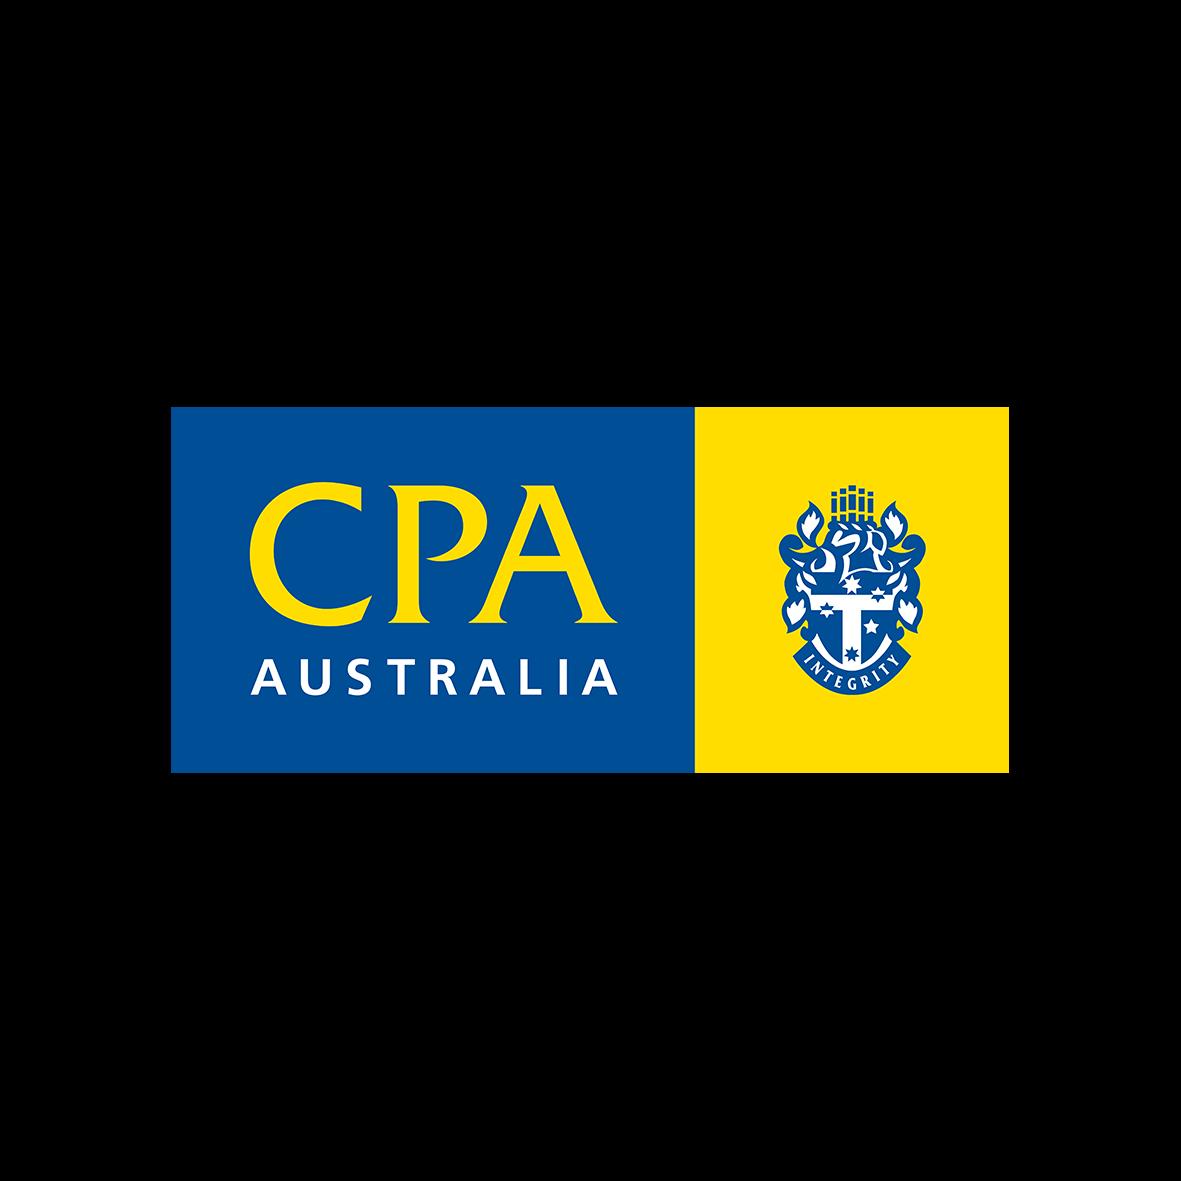 CPA Australia Sq